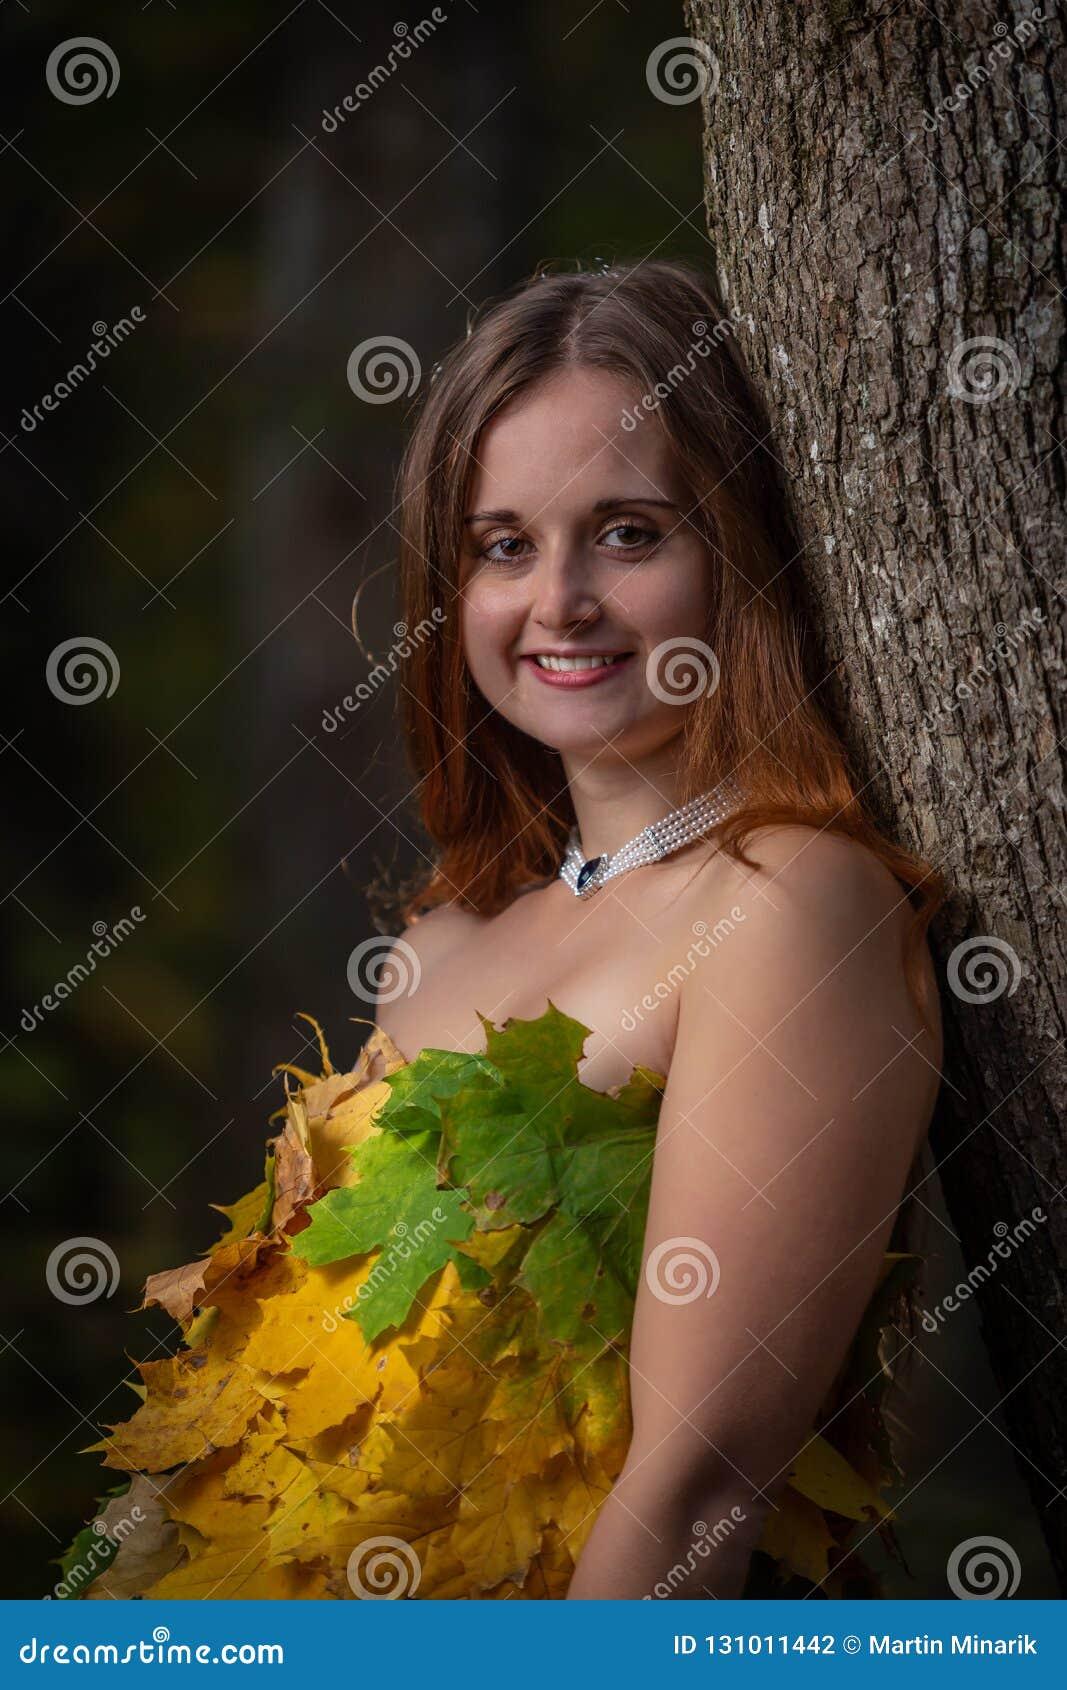 Sluit omhoog op mooi jong meisje met lang haar die op boom leunen, die kleding dragen van kleurrijke bladeren in het de herfstbos